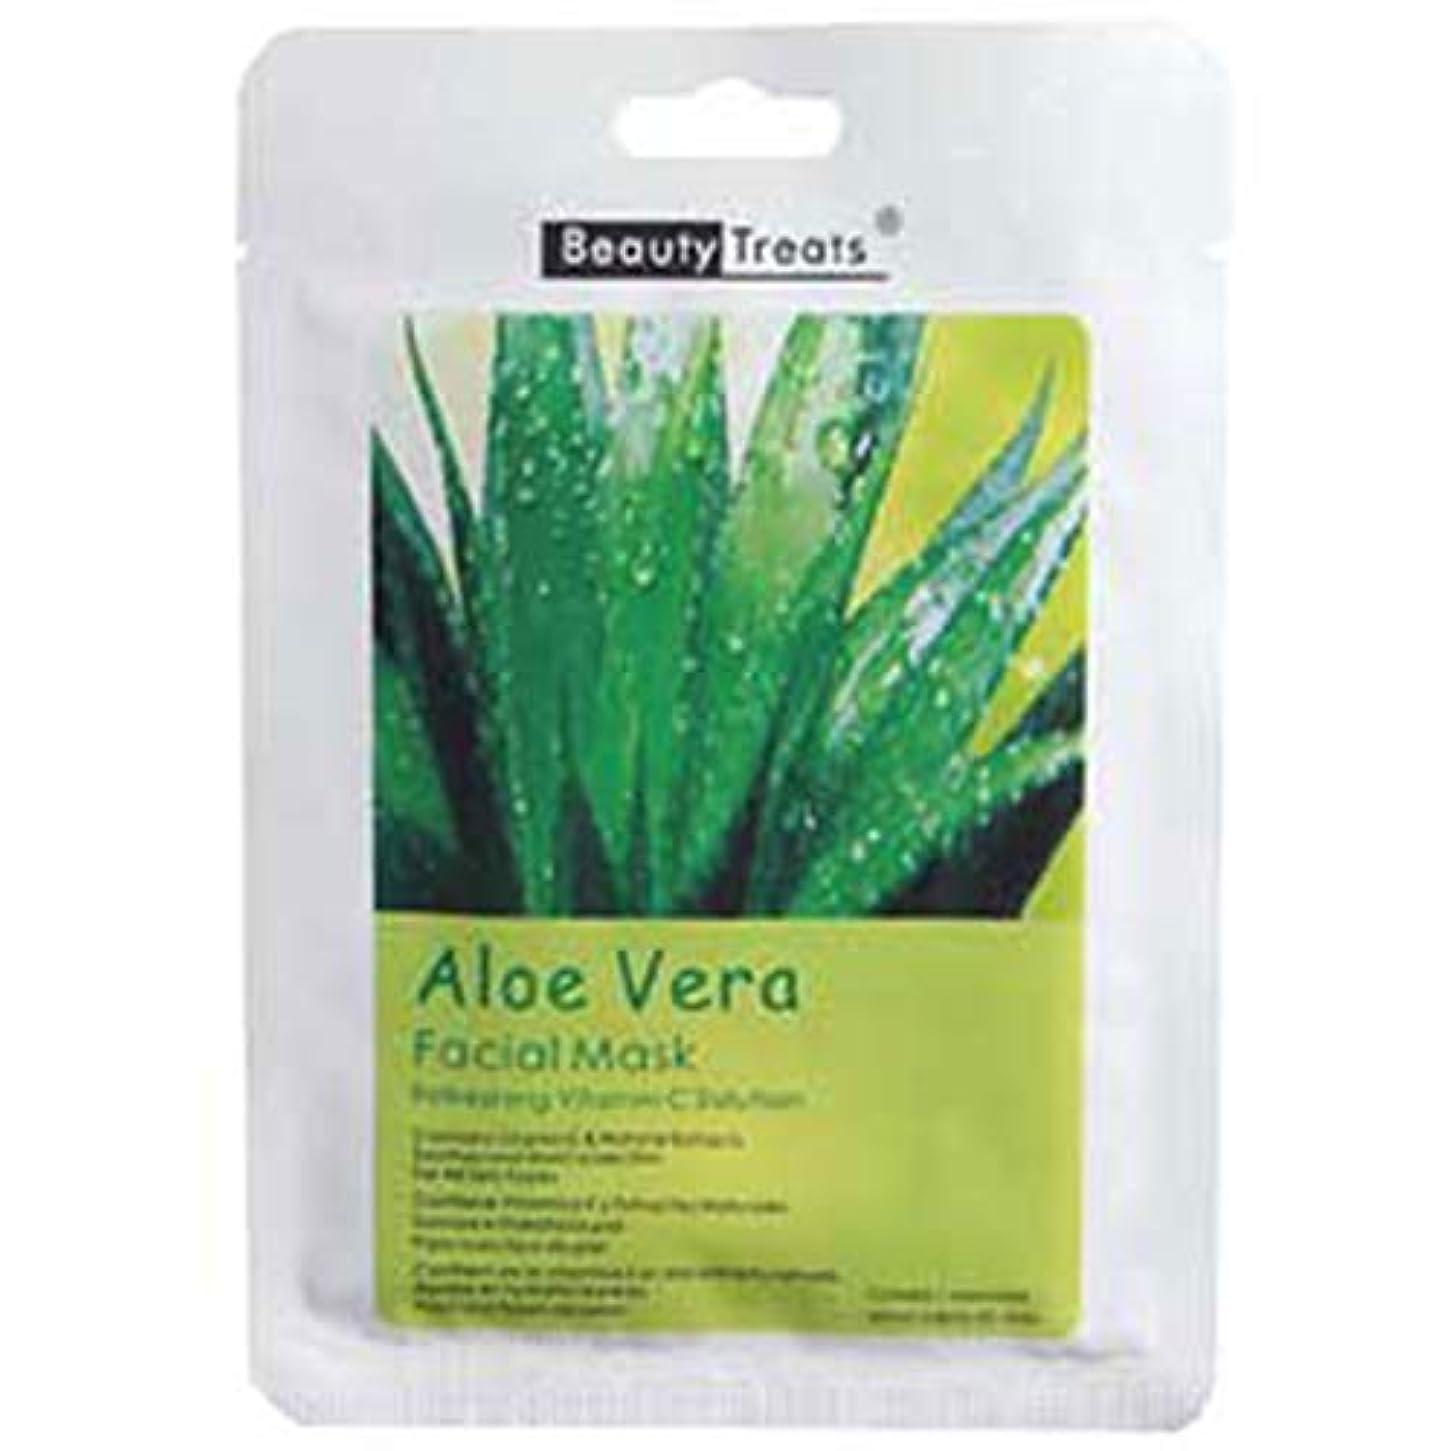 タイトダッシュ策定するBEAUTY TREATS Facial Mask Refreshing Vitamin C Solution - Aloe Vera (並行輸入品)